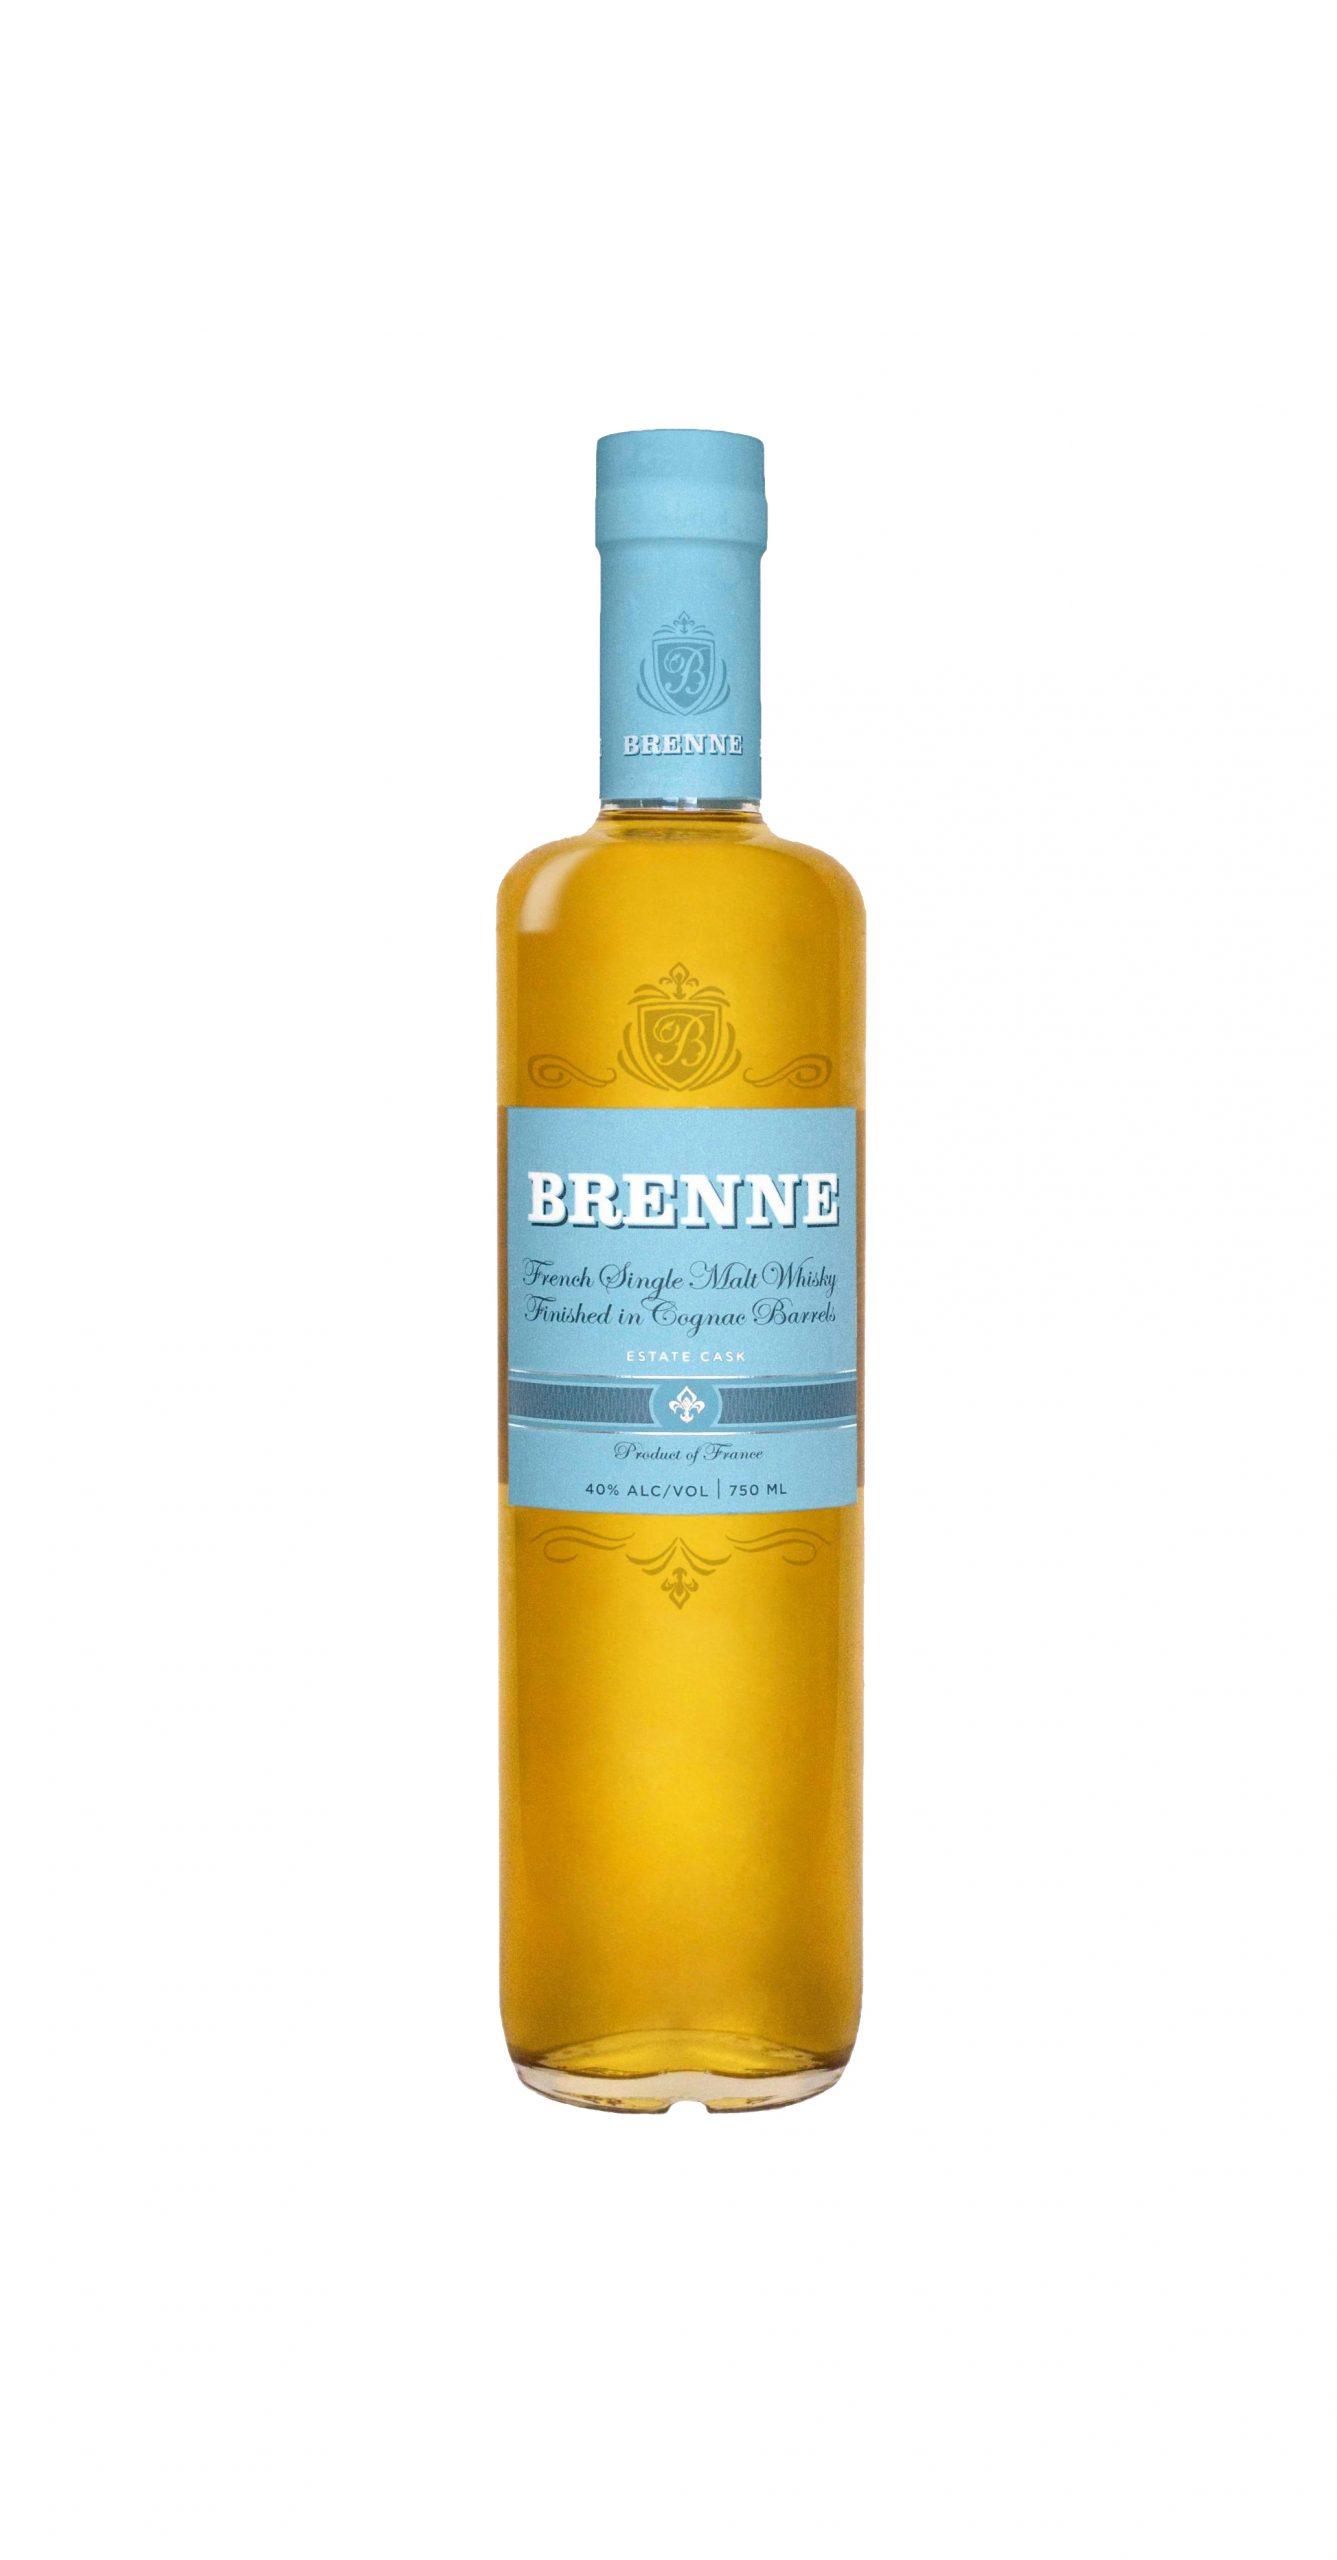 Brenne French Single Malt Whiskey